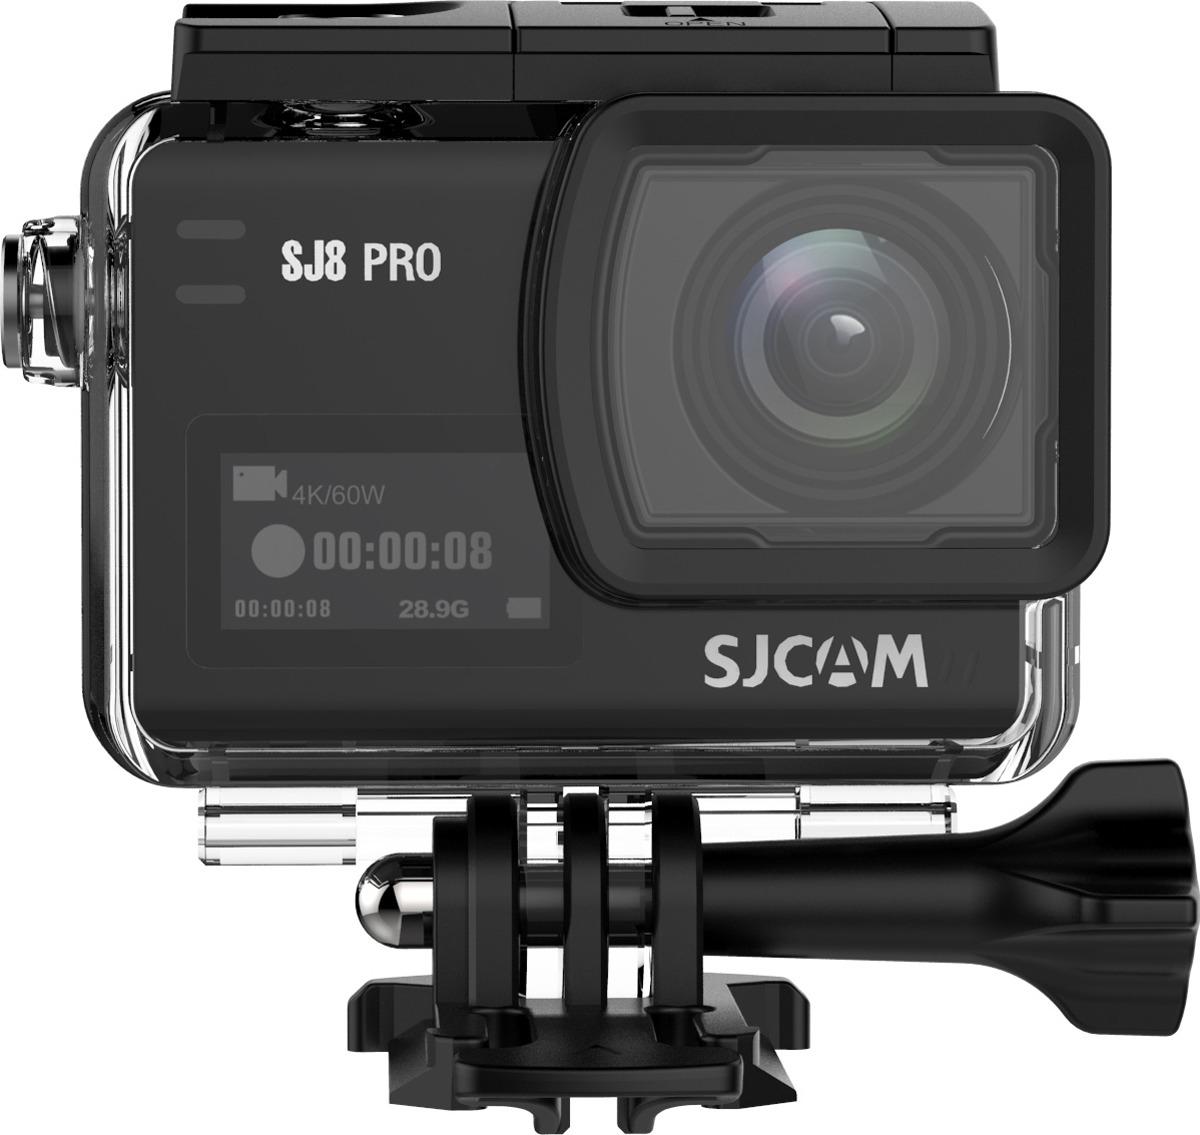 Экшн-камера SJCAM SJ8 Pro, SJ8 Pro (black), черный original sjcam sj8 pro 4k 60fps wifi action camera